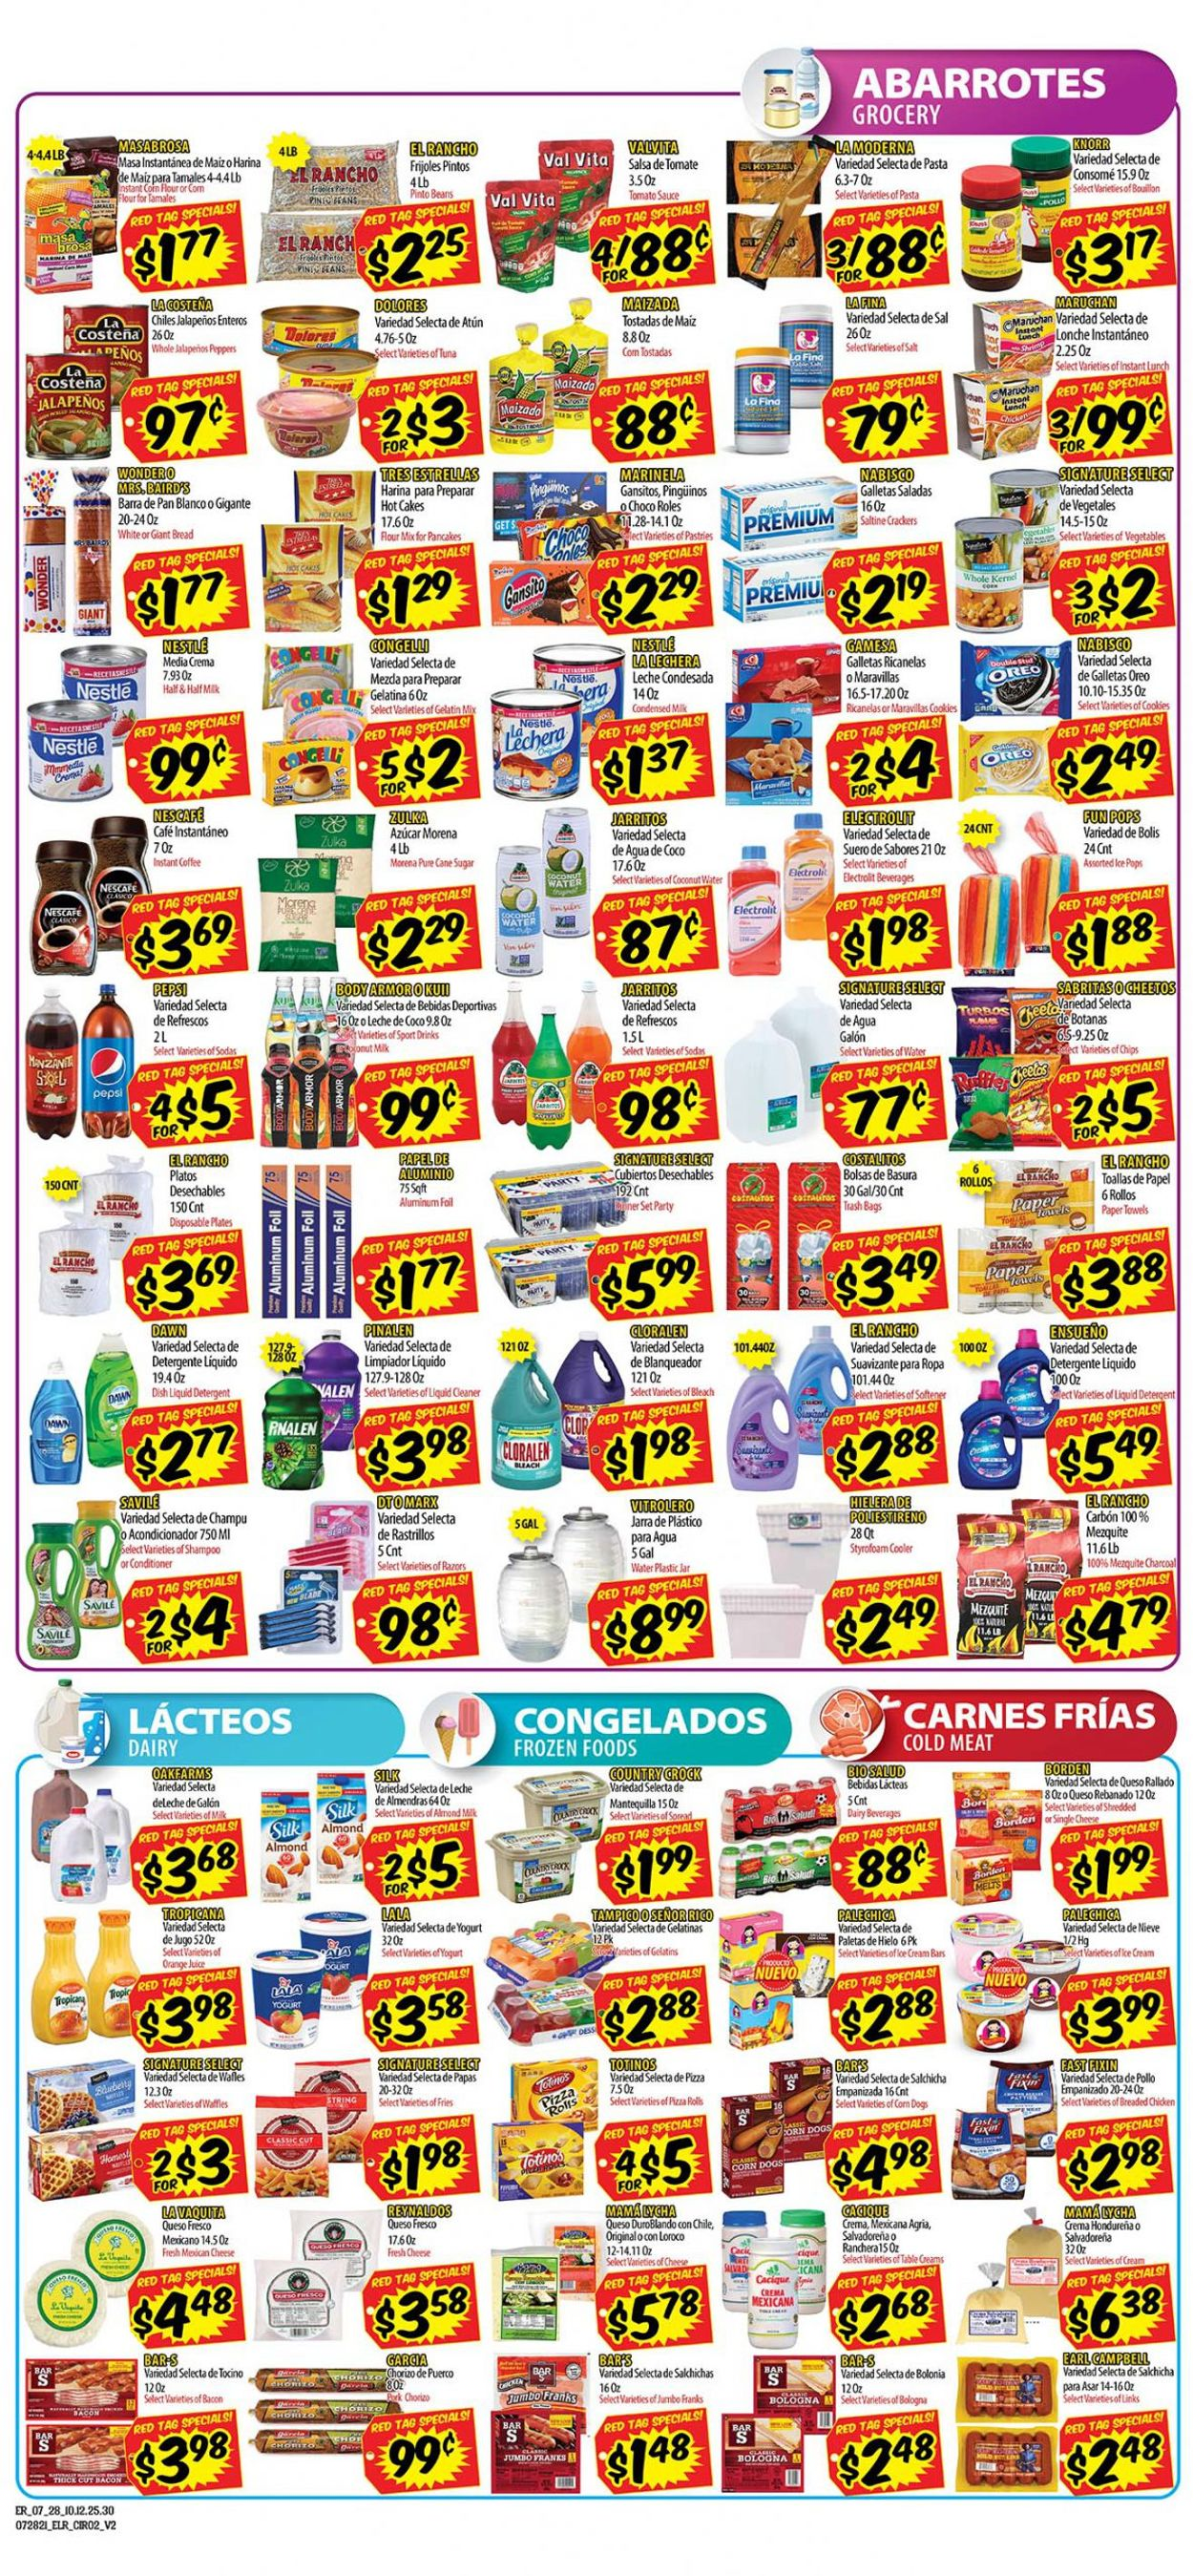 El Rancho Weekly Ad Circular - valid 07/28-08/03/2021 (Page 2)